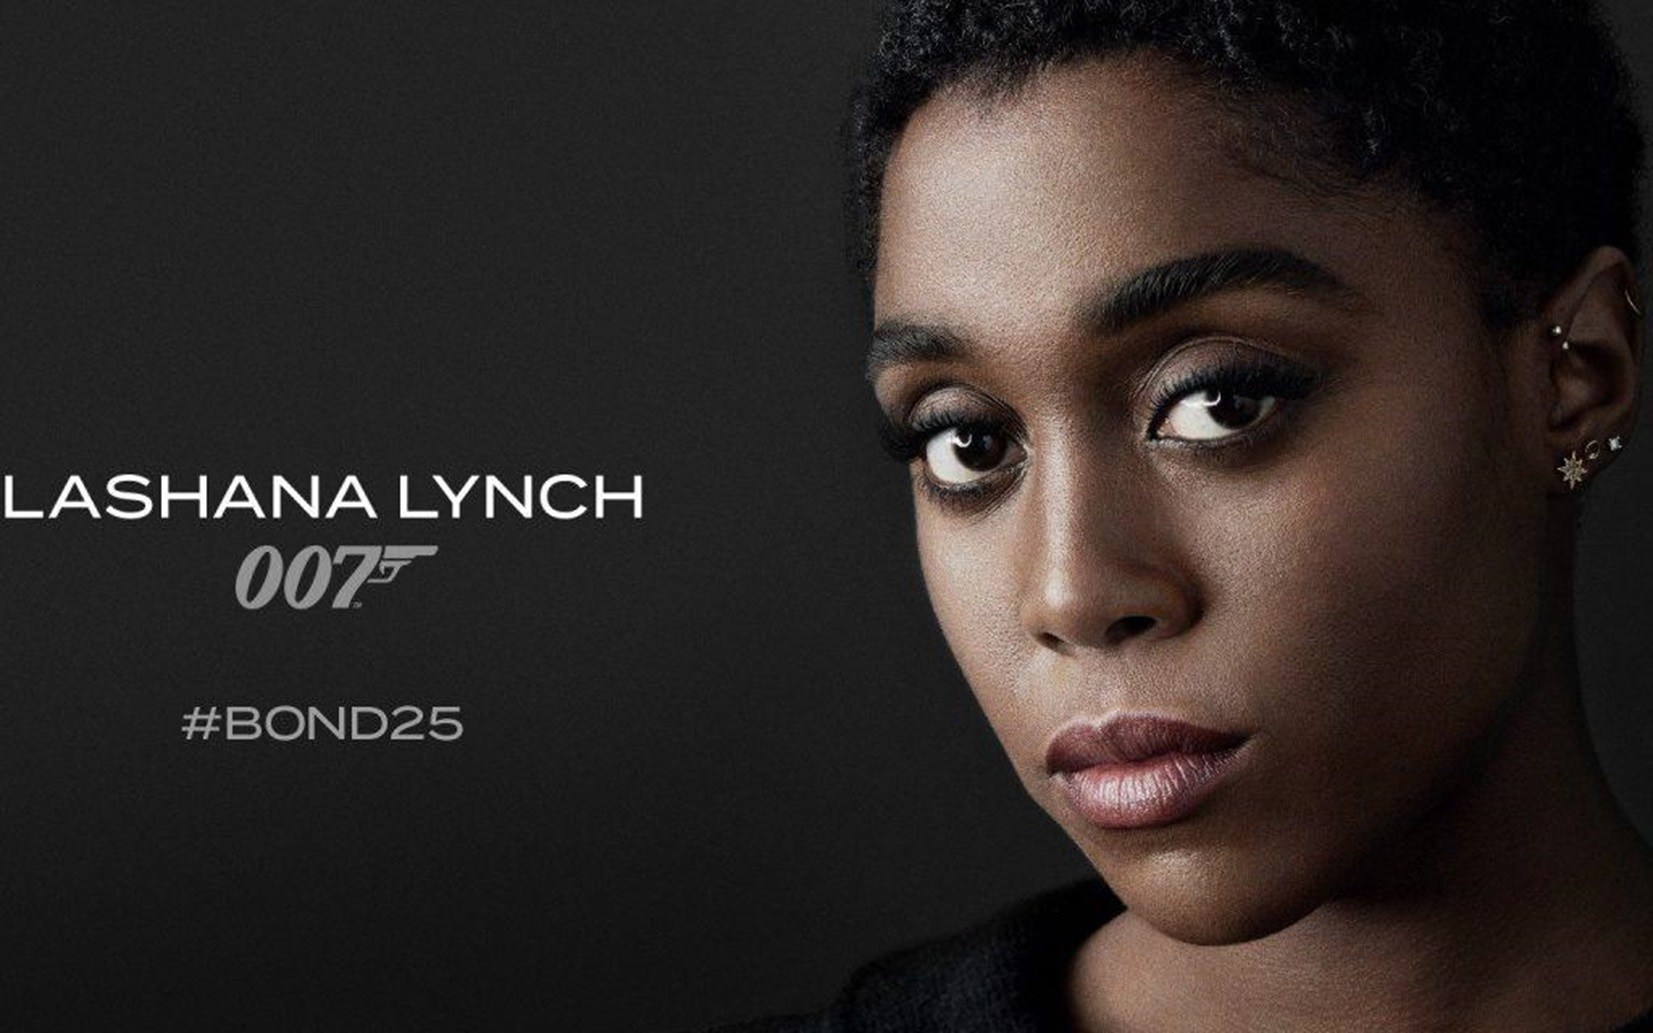 Нет, Лашана Линч - это не новый Джеймс Бонд